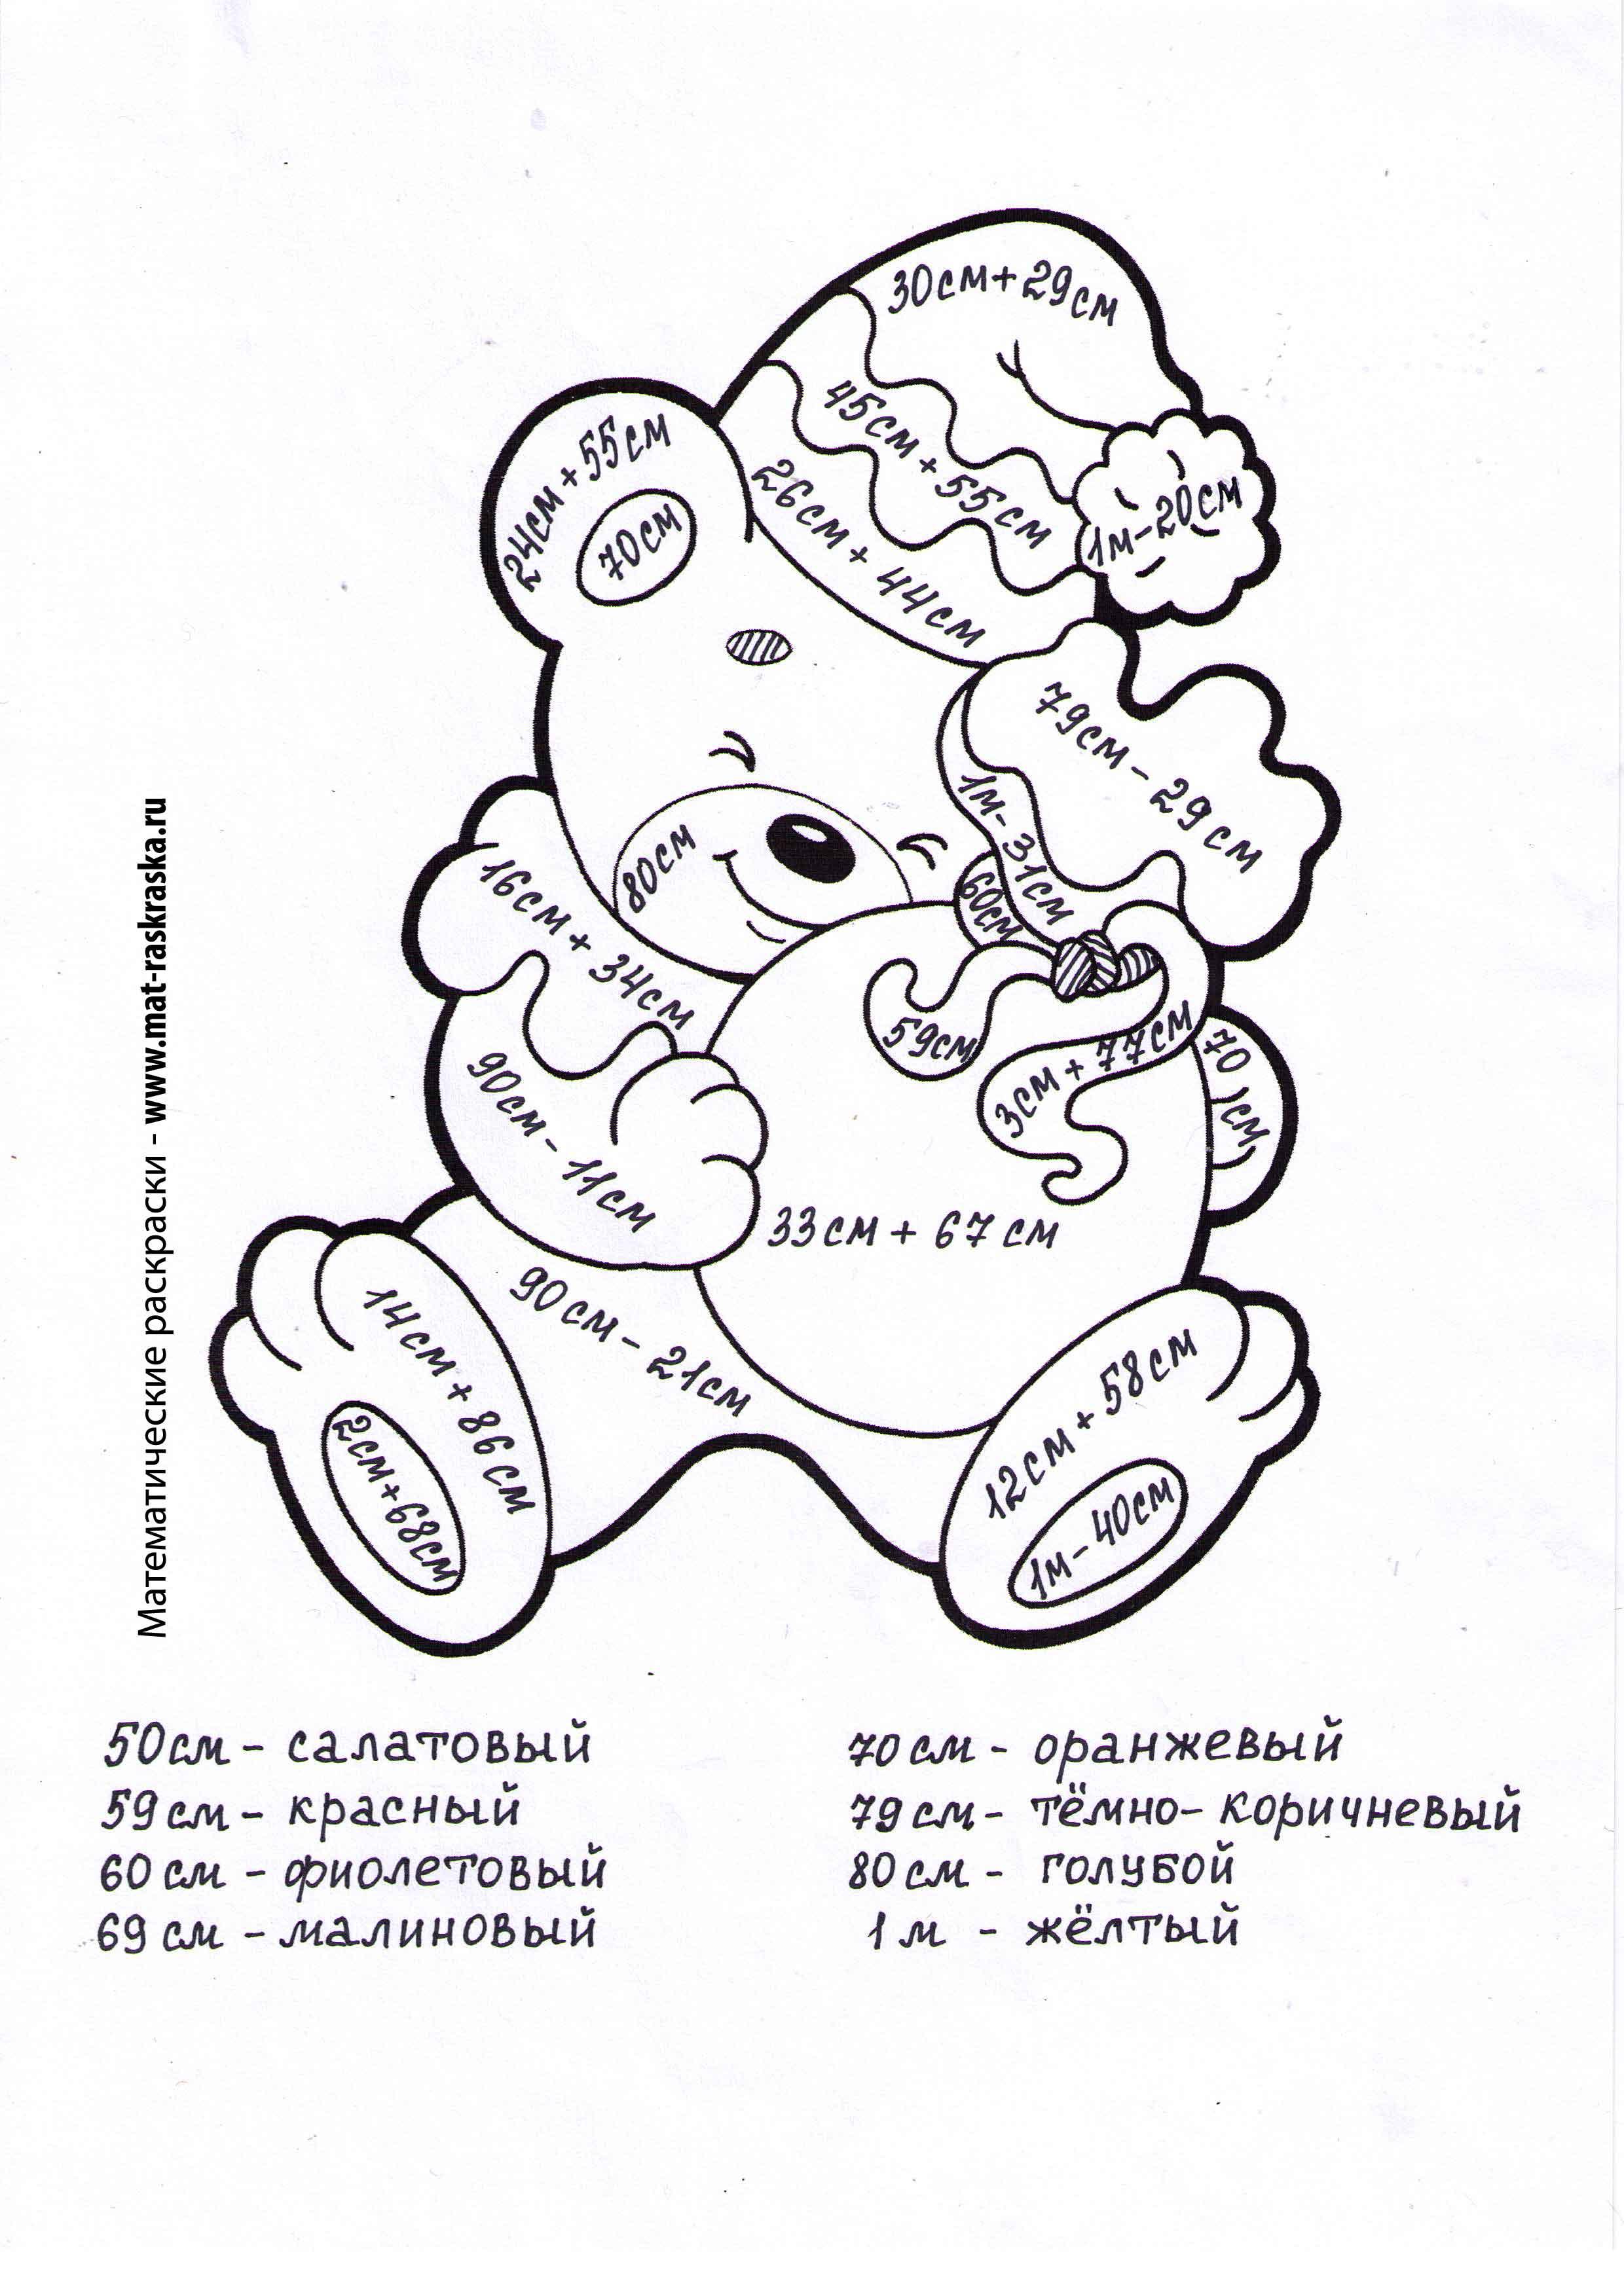 http://www.mat-raskraska.ru/images/stories/Raskraski/Deistvia-s-velichinami/medvezonok-s-elochnim-sharom-deistvia-s-velichinami-par1_big.jpg